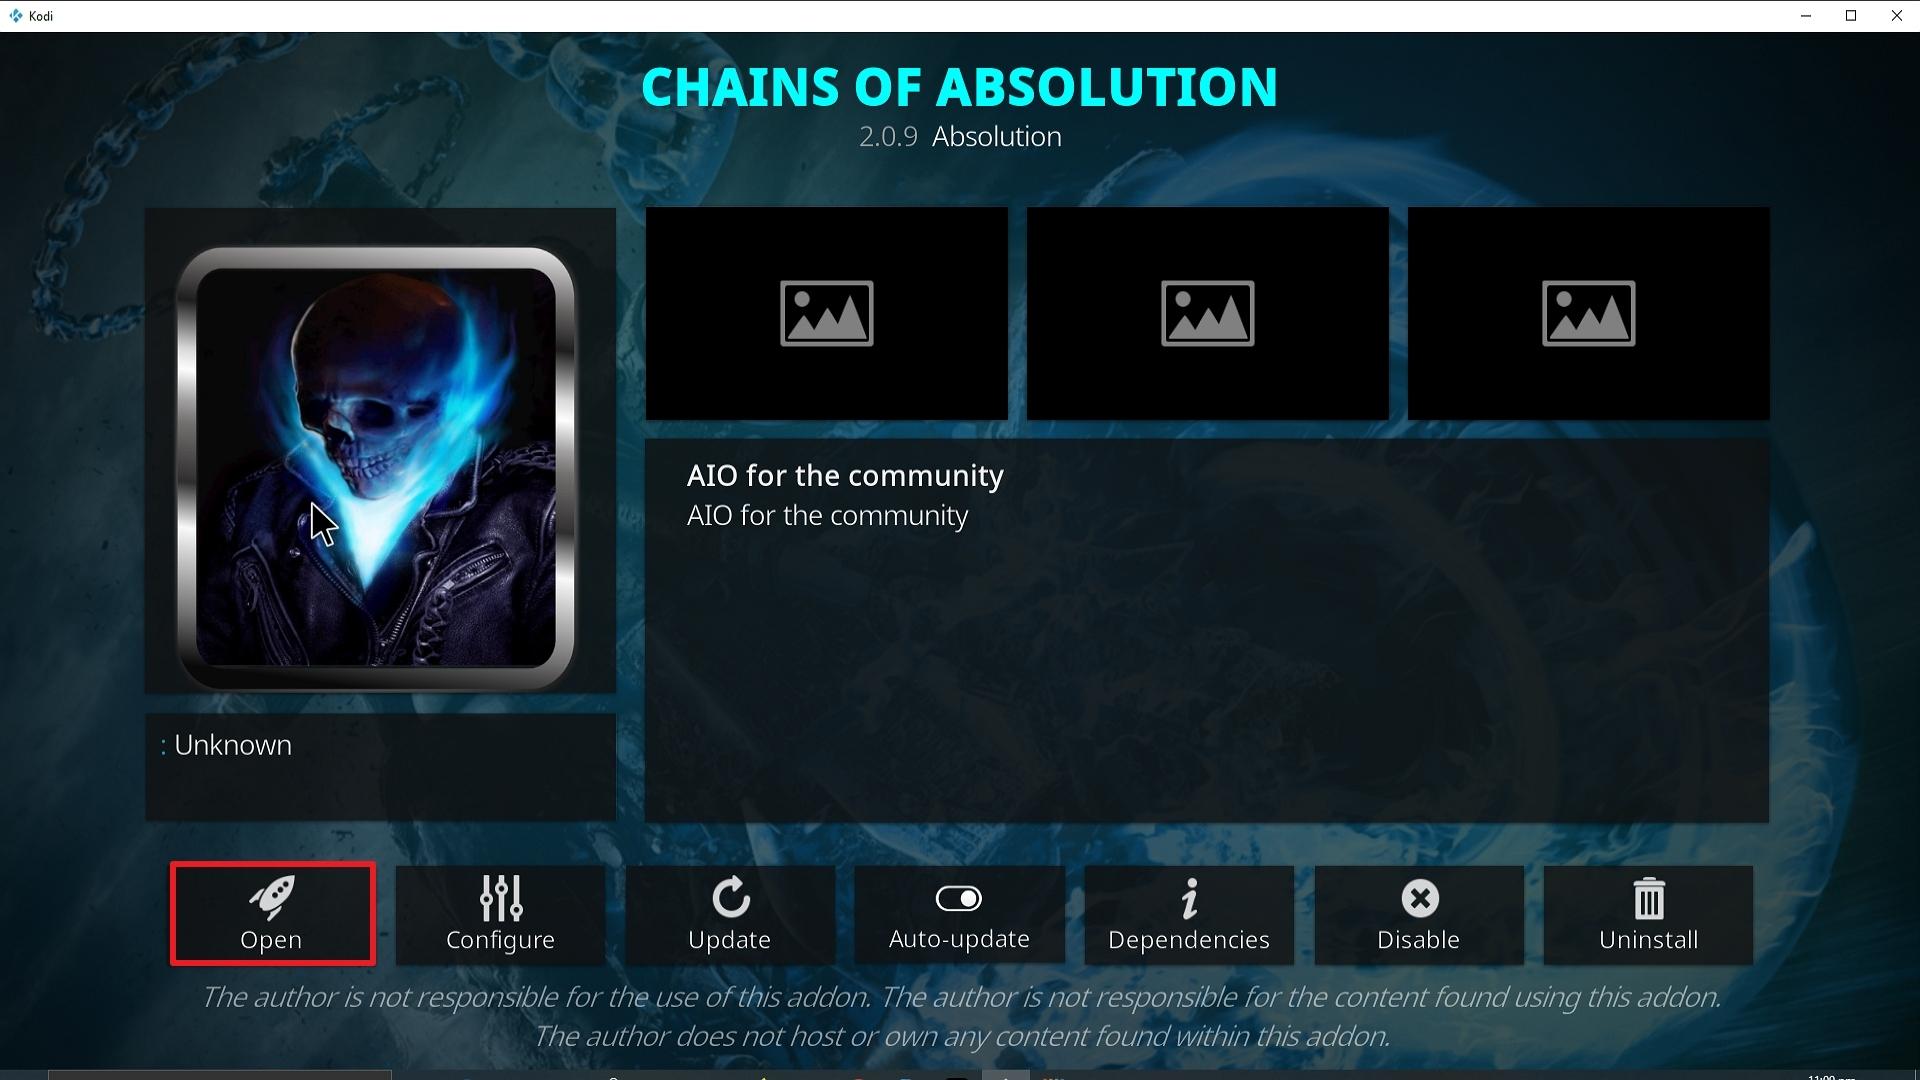 Step 27 Installing Chains of Absolution Kodi addon on Kodi